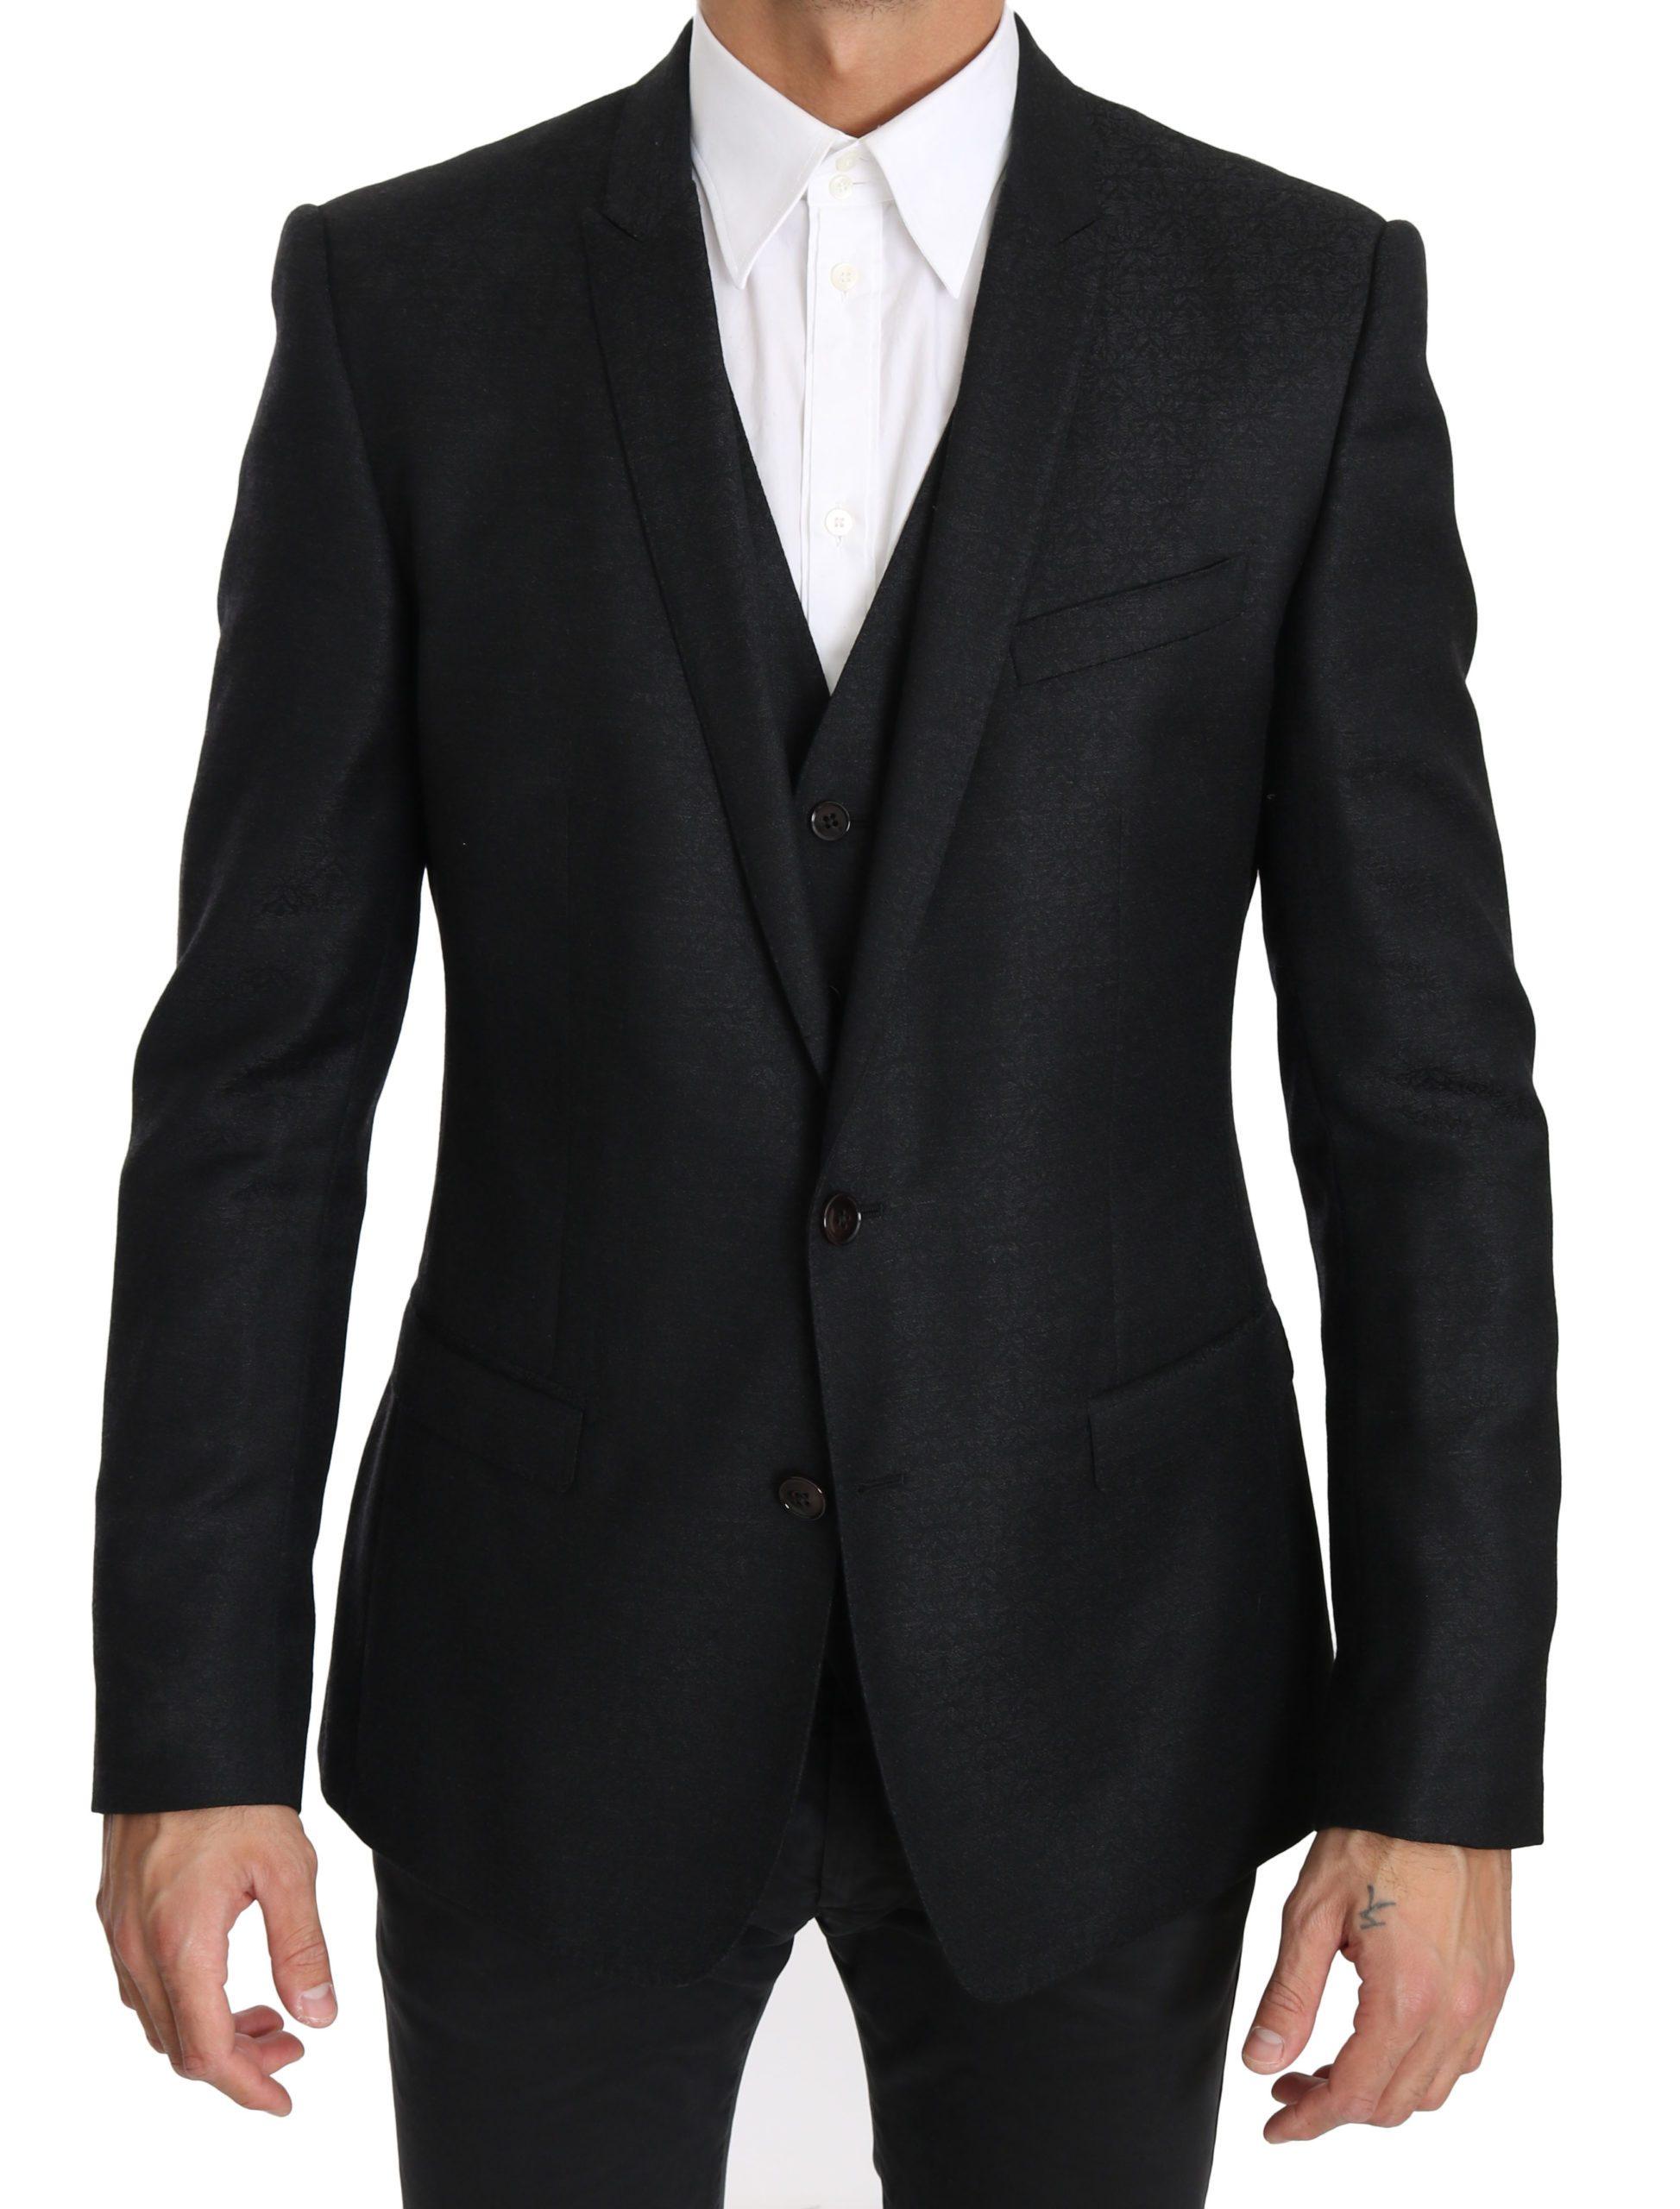 Dolce & Gabbana Men's Two Piece Blazer Black KOS1611 - IT50 | L